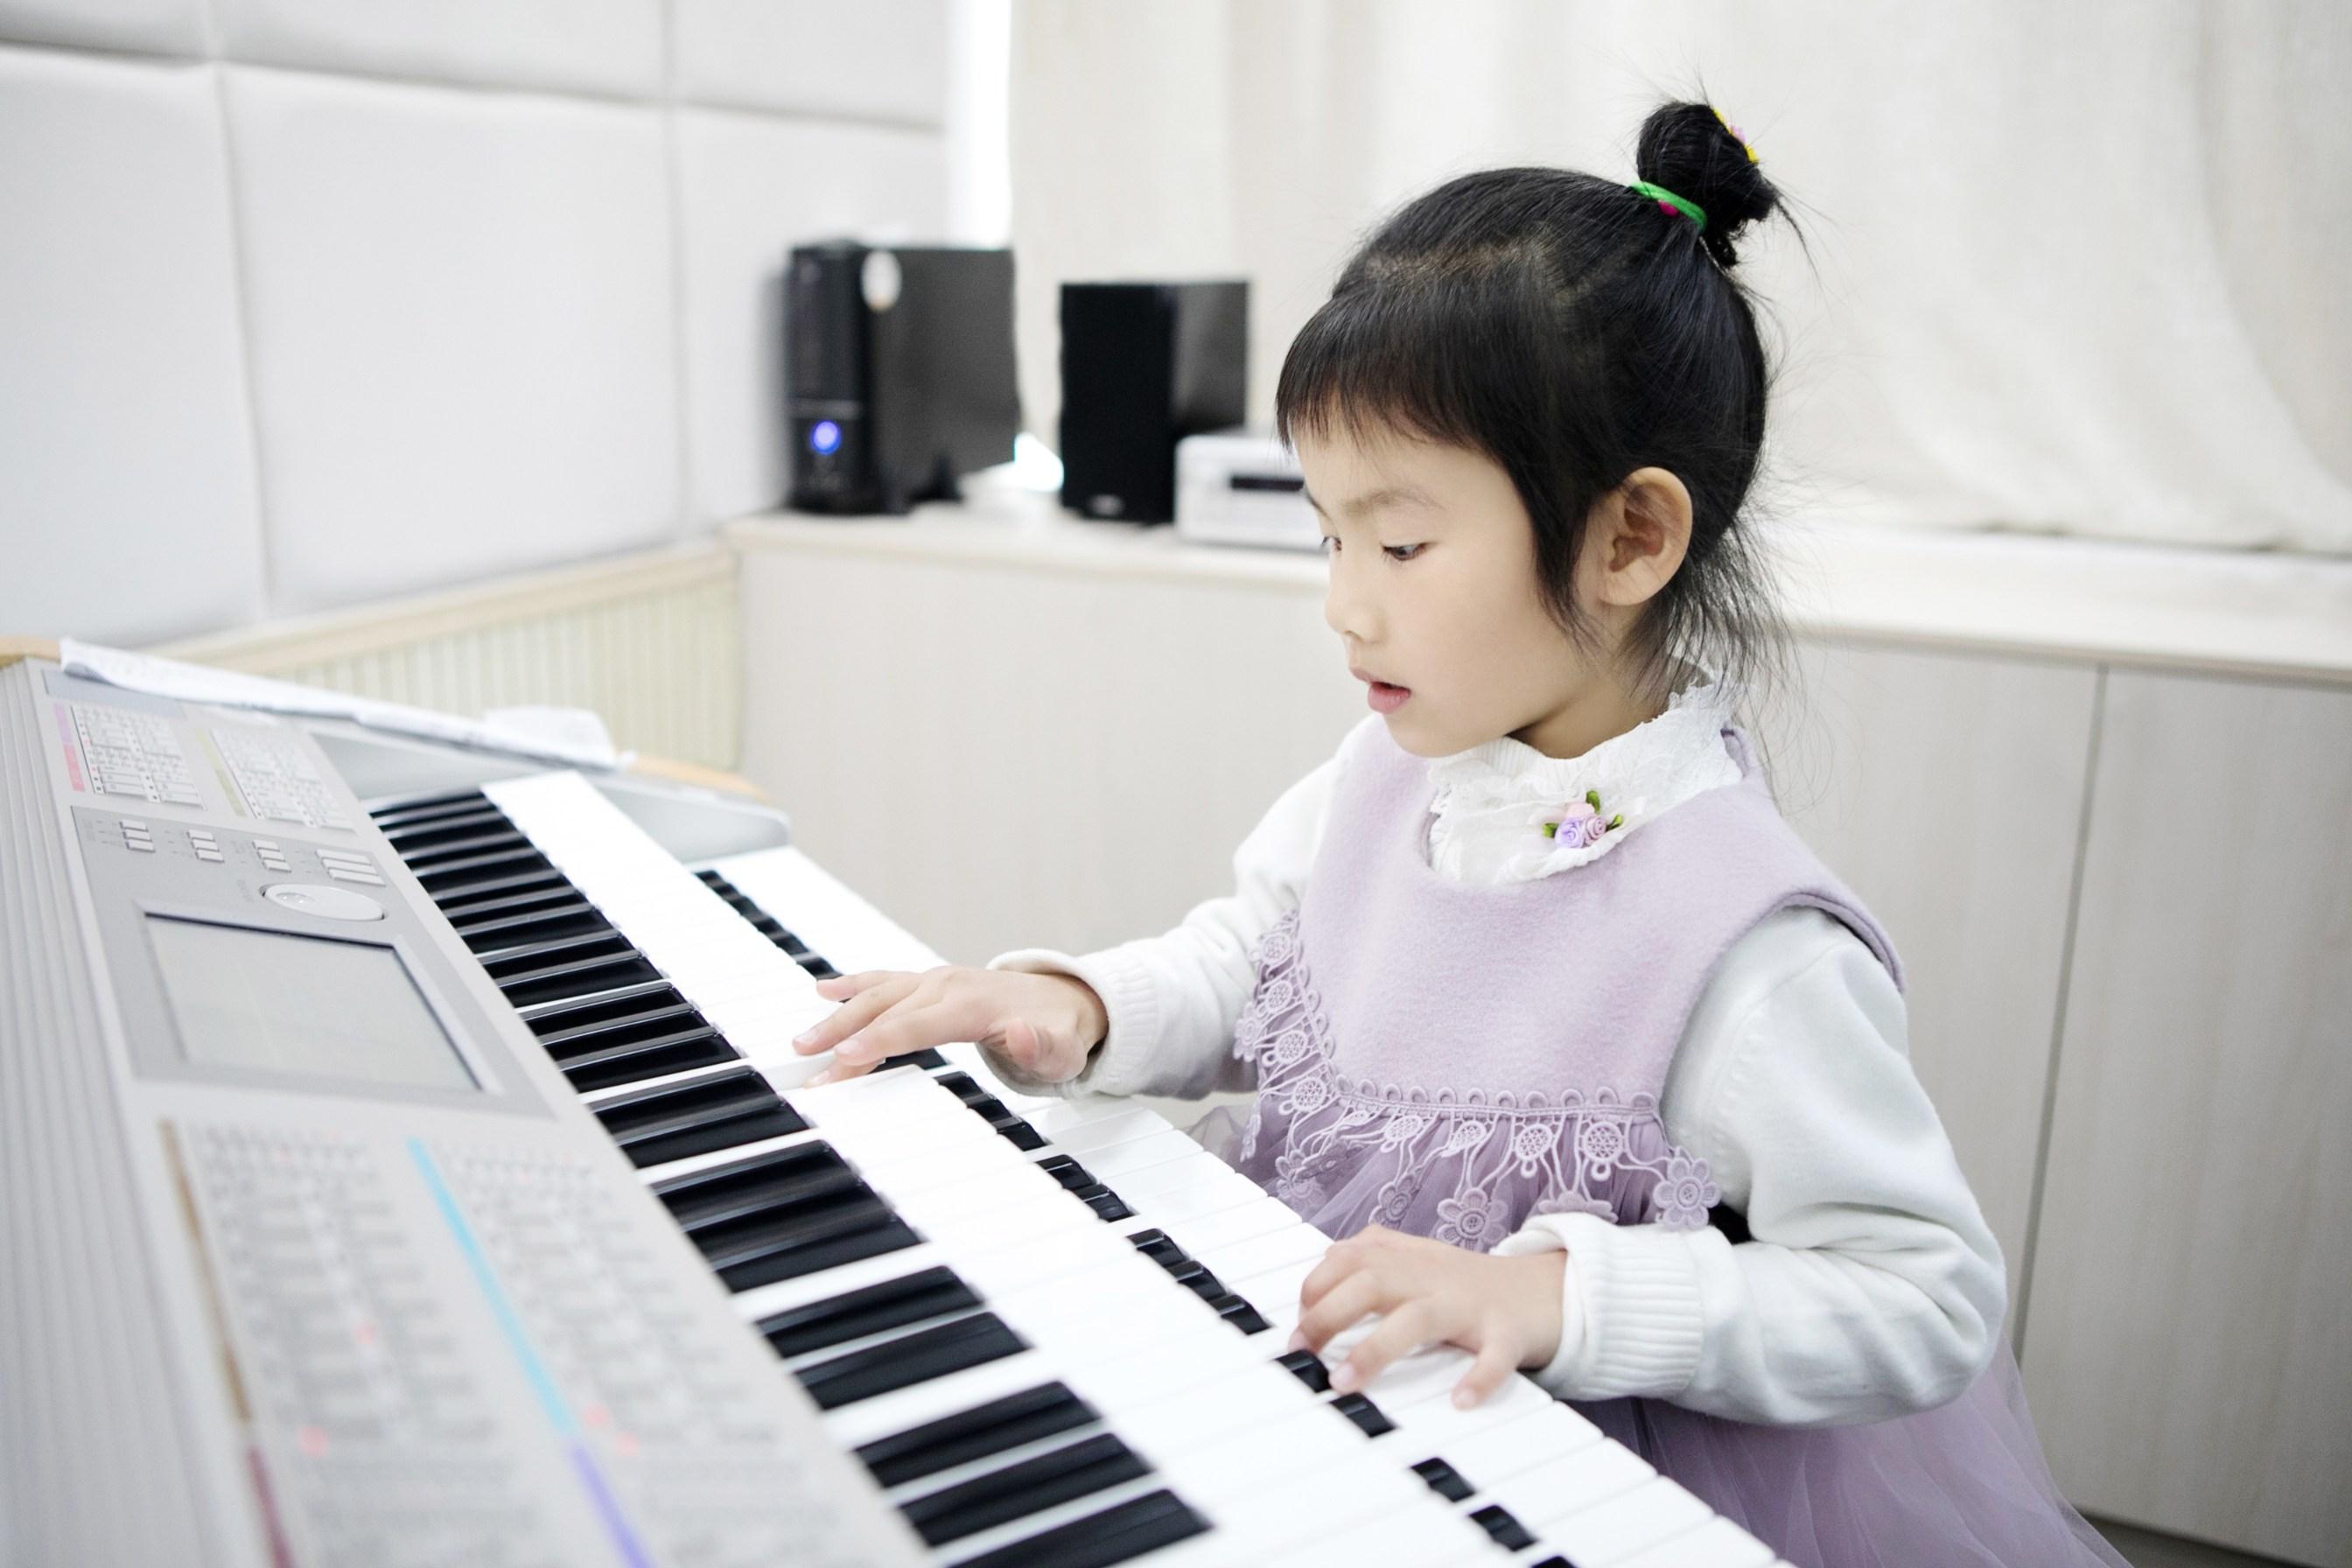 准备让孩子学琴,家长应该做哪些准备